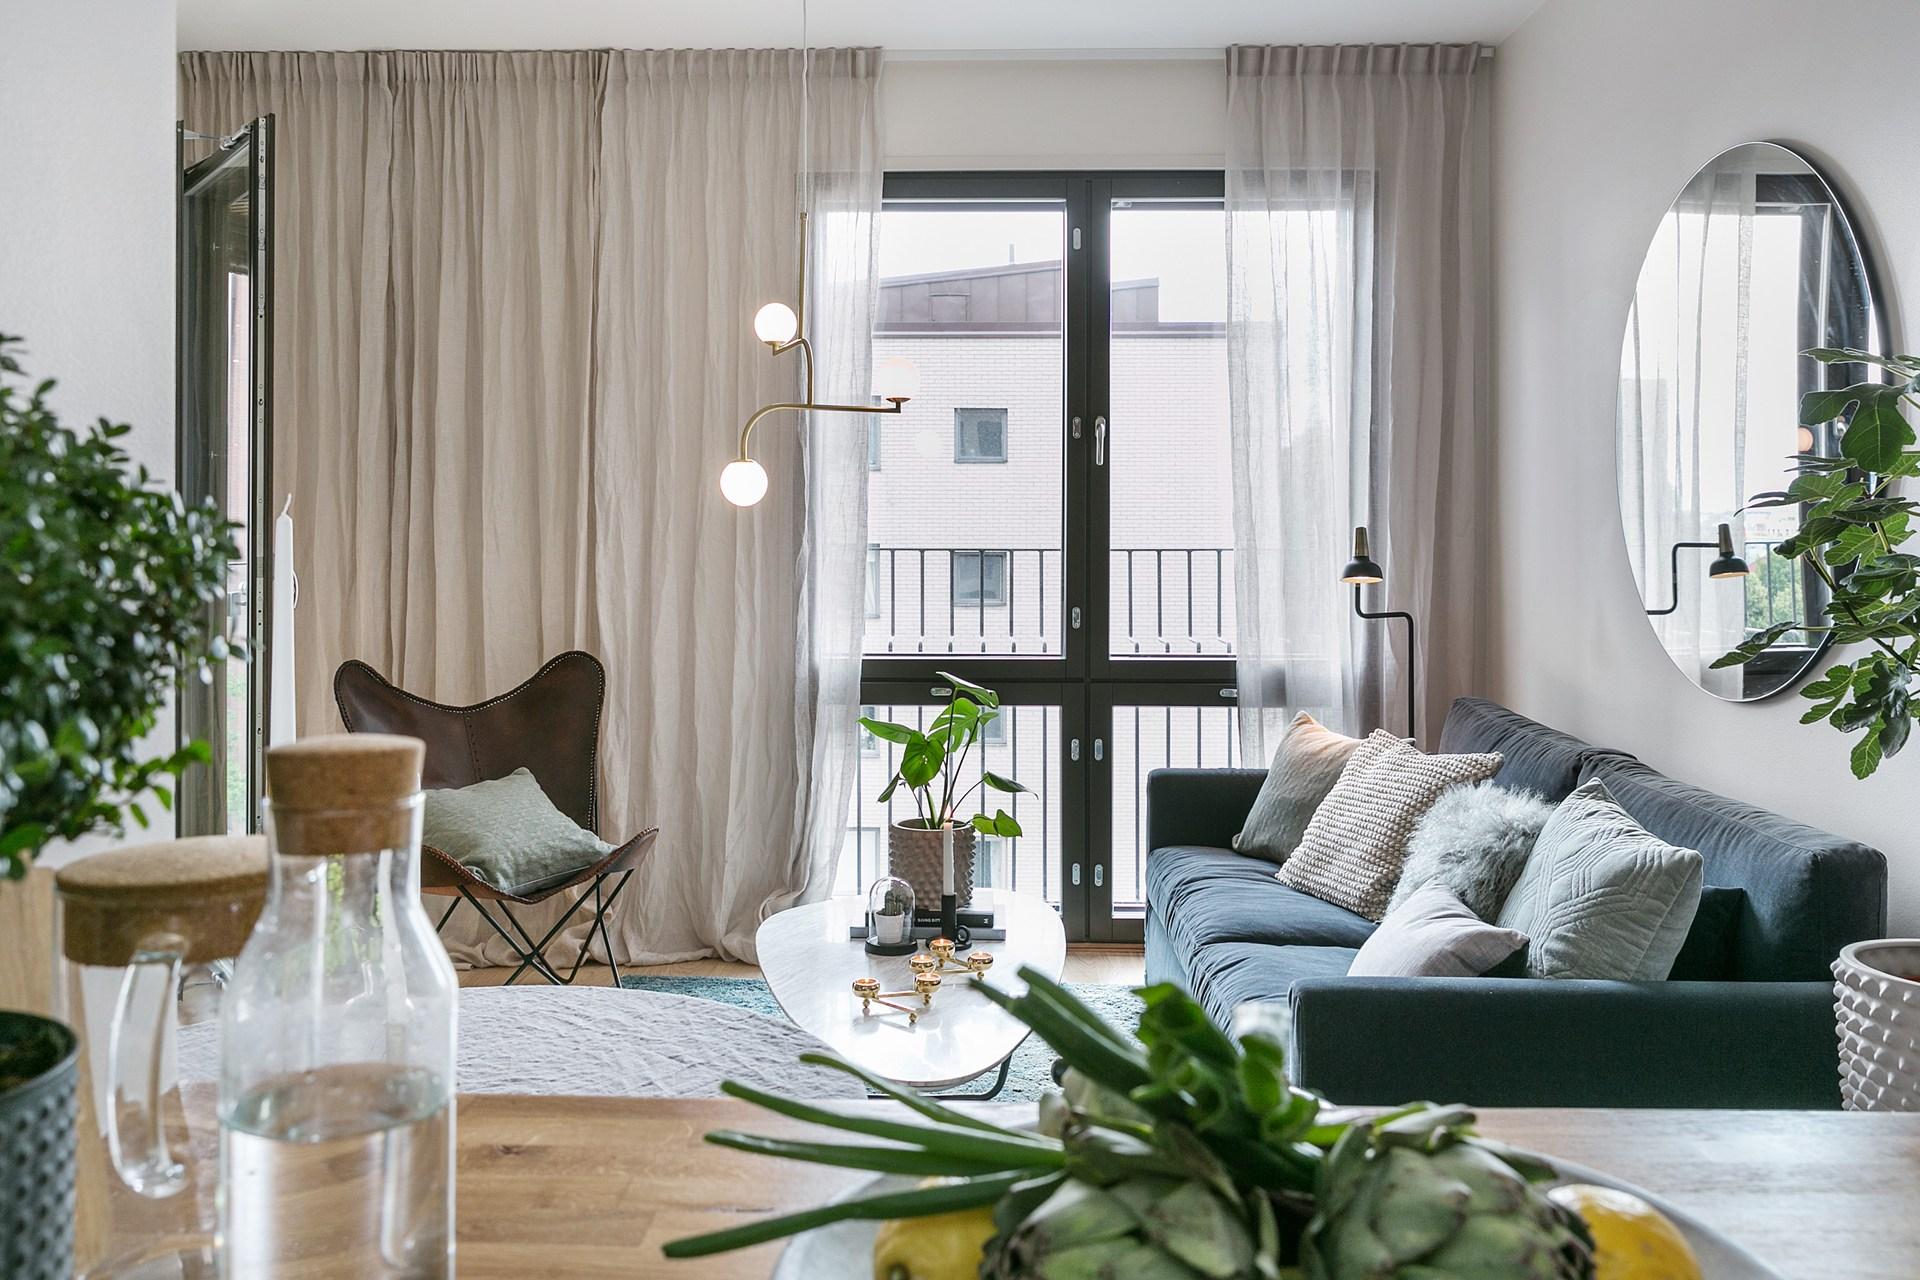 гостиная диван кресло столик остекление шторы балкон